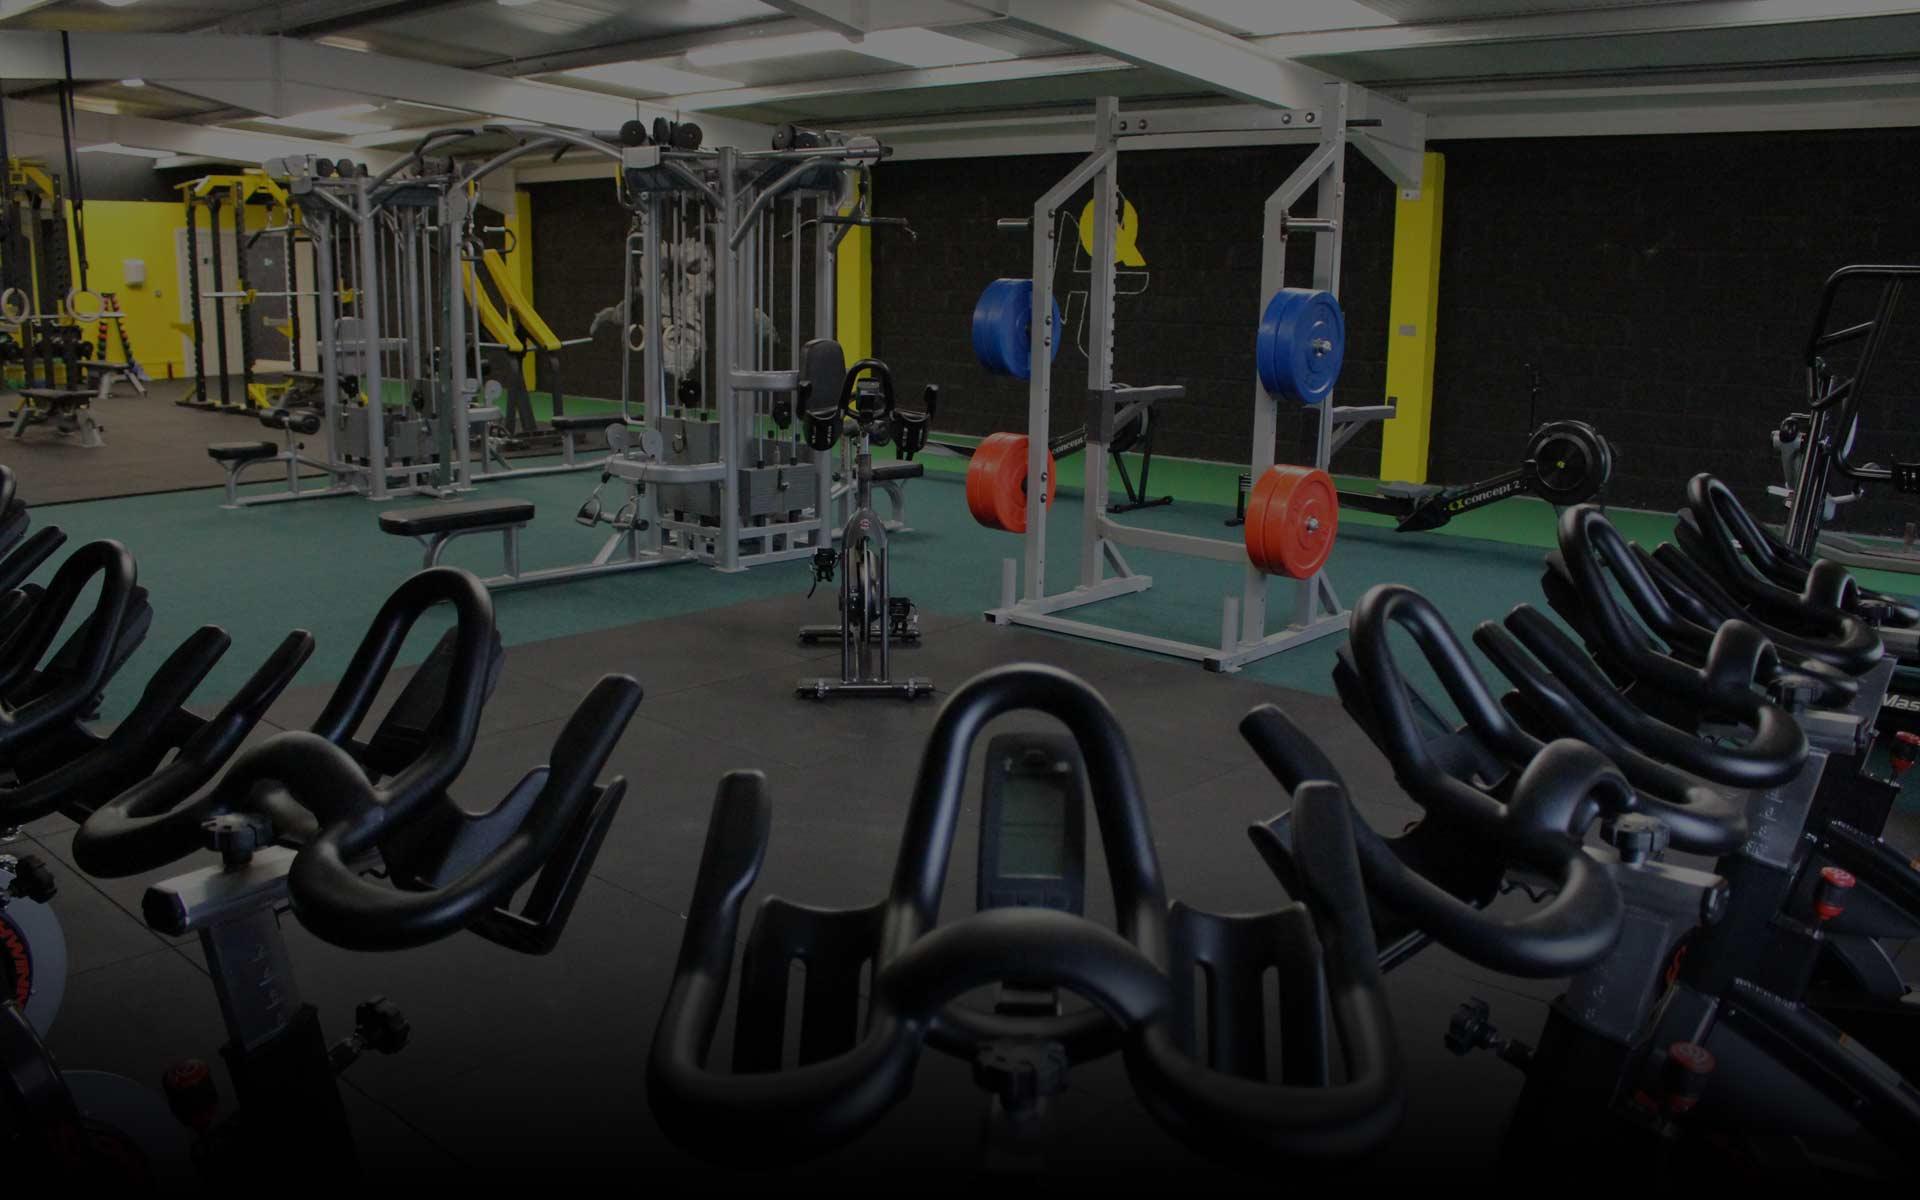 gym classes Tuam